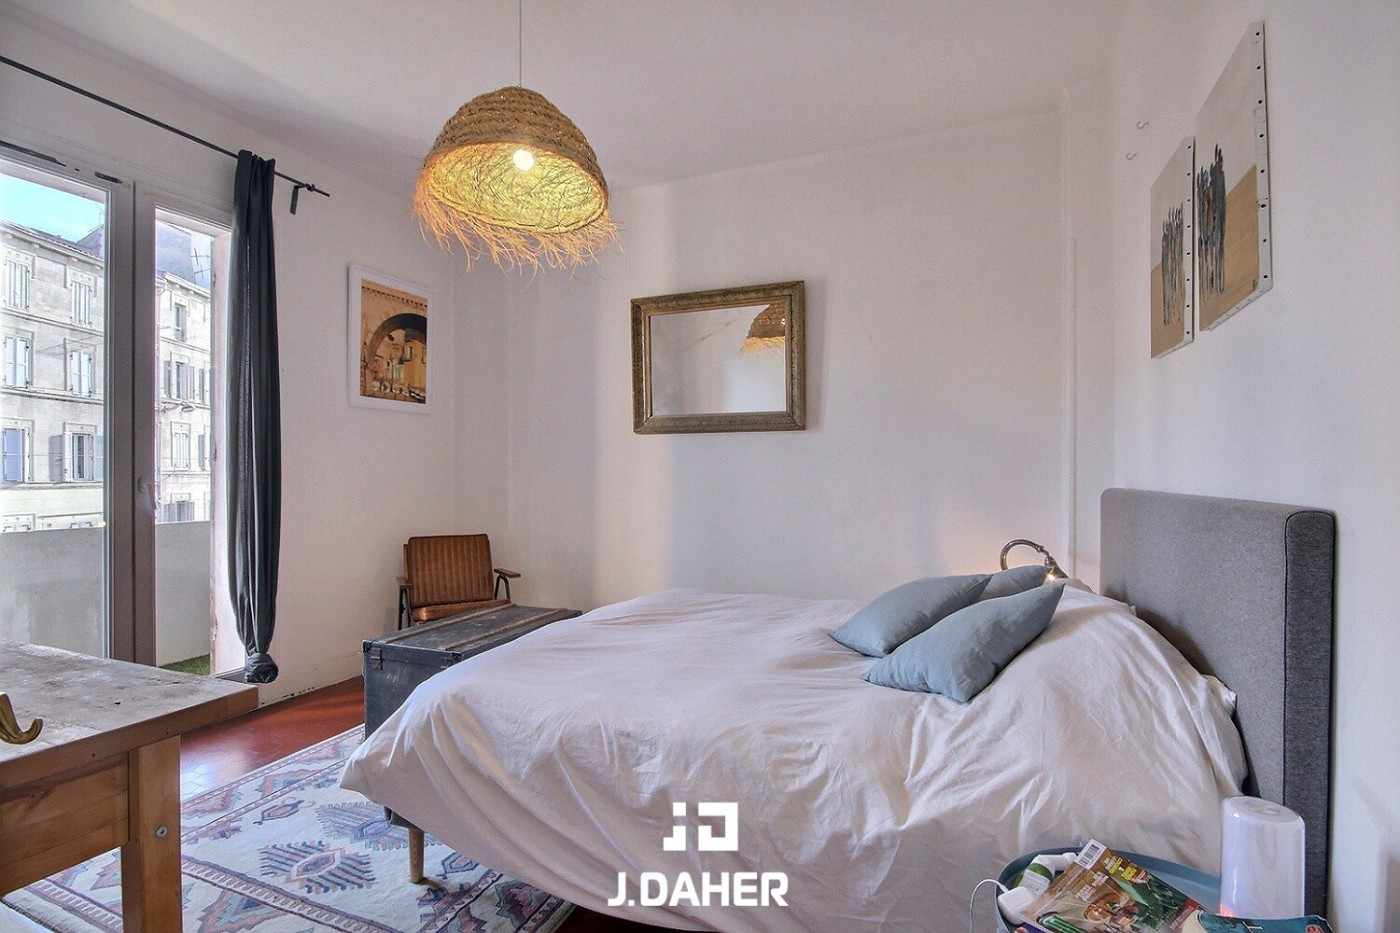 A vendre  Marseille 7eme Arrondissement | Réf 130251055 - J daher immobilier